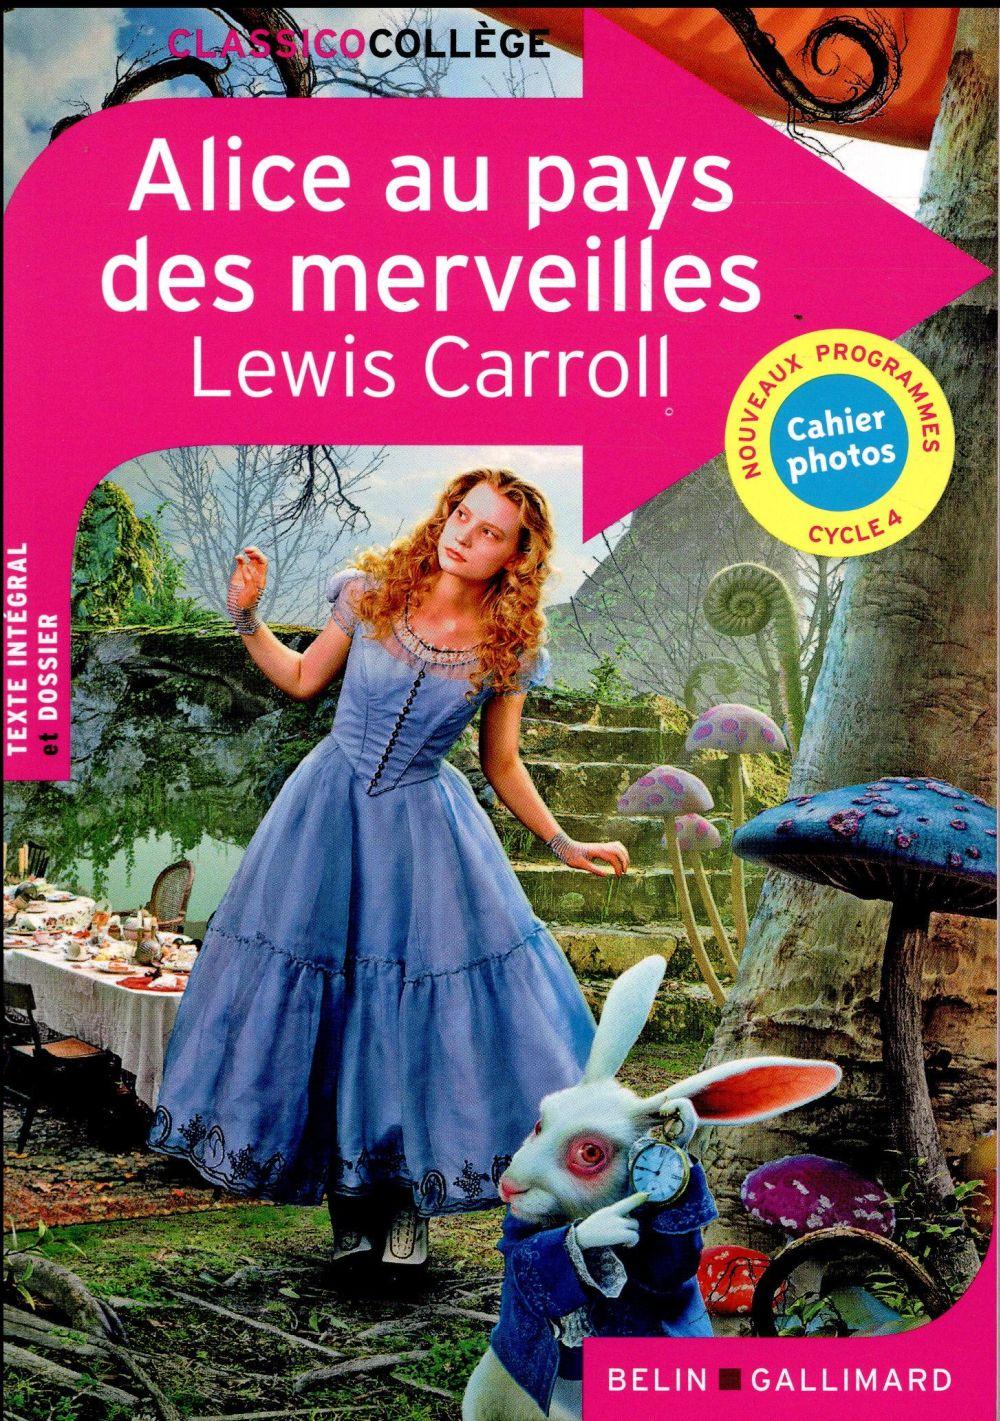 Alice au pays des merveilles, de Lewis Carroll (édition 2017)